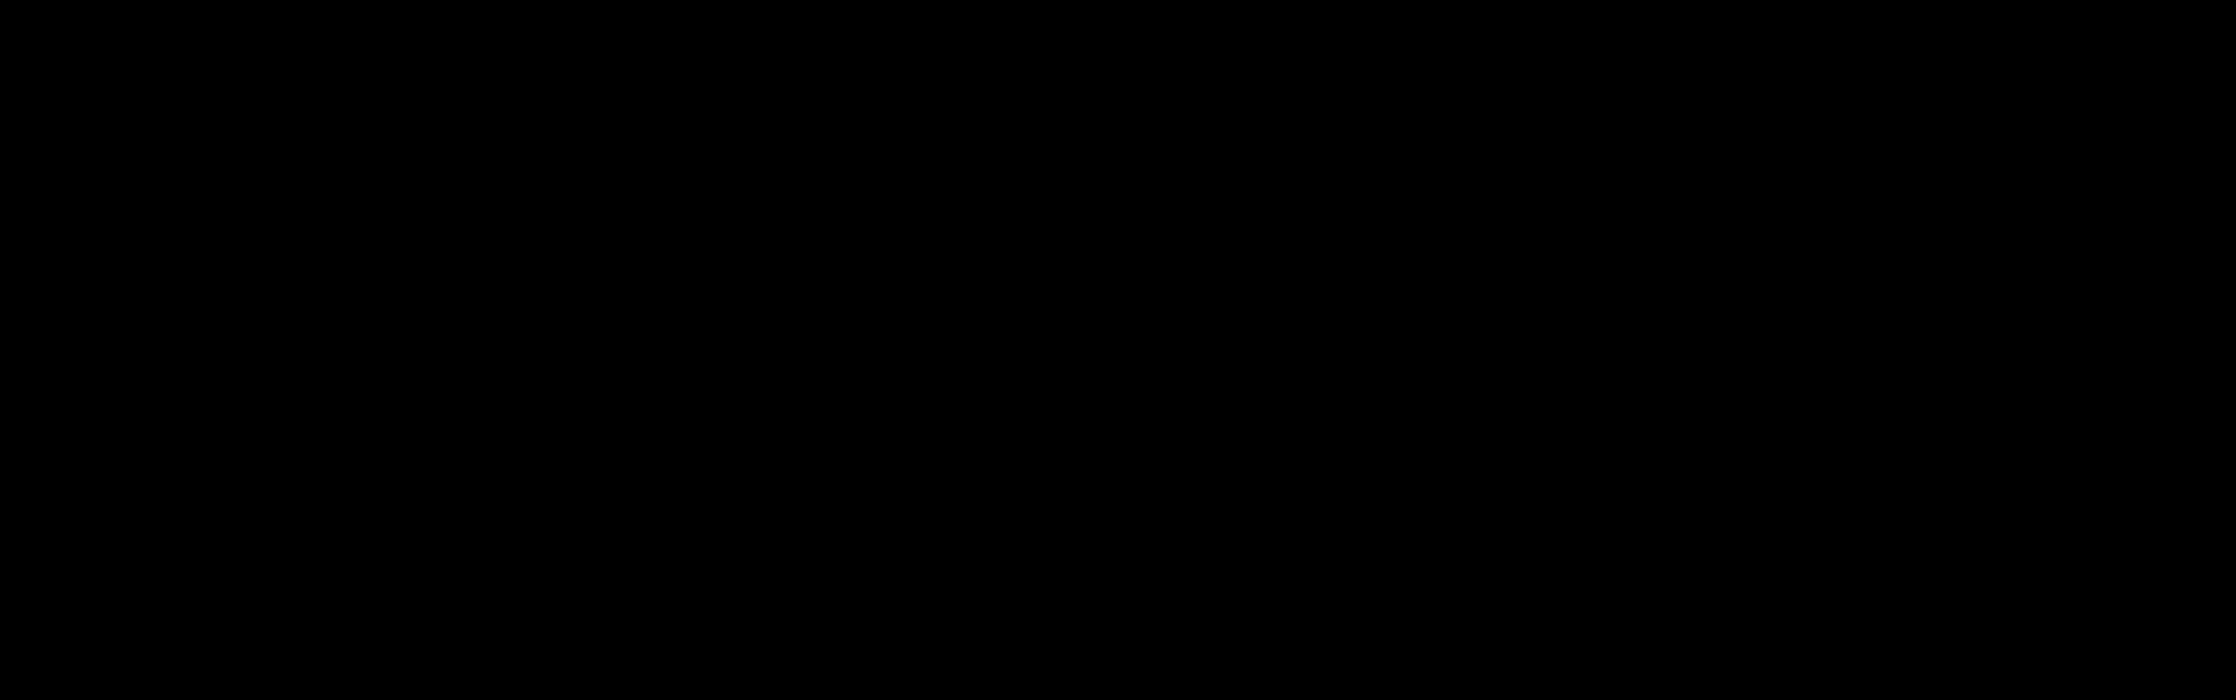 (E)-N-(3,4,5-Trimethoxyphenyl)-3-(3-(3,4,5-trimethoxyphenyl)1H-pyrazol-5-yl)acrylamide